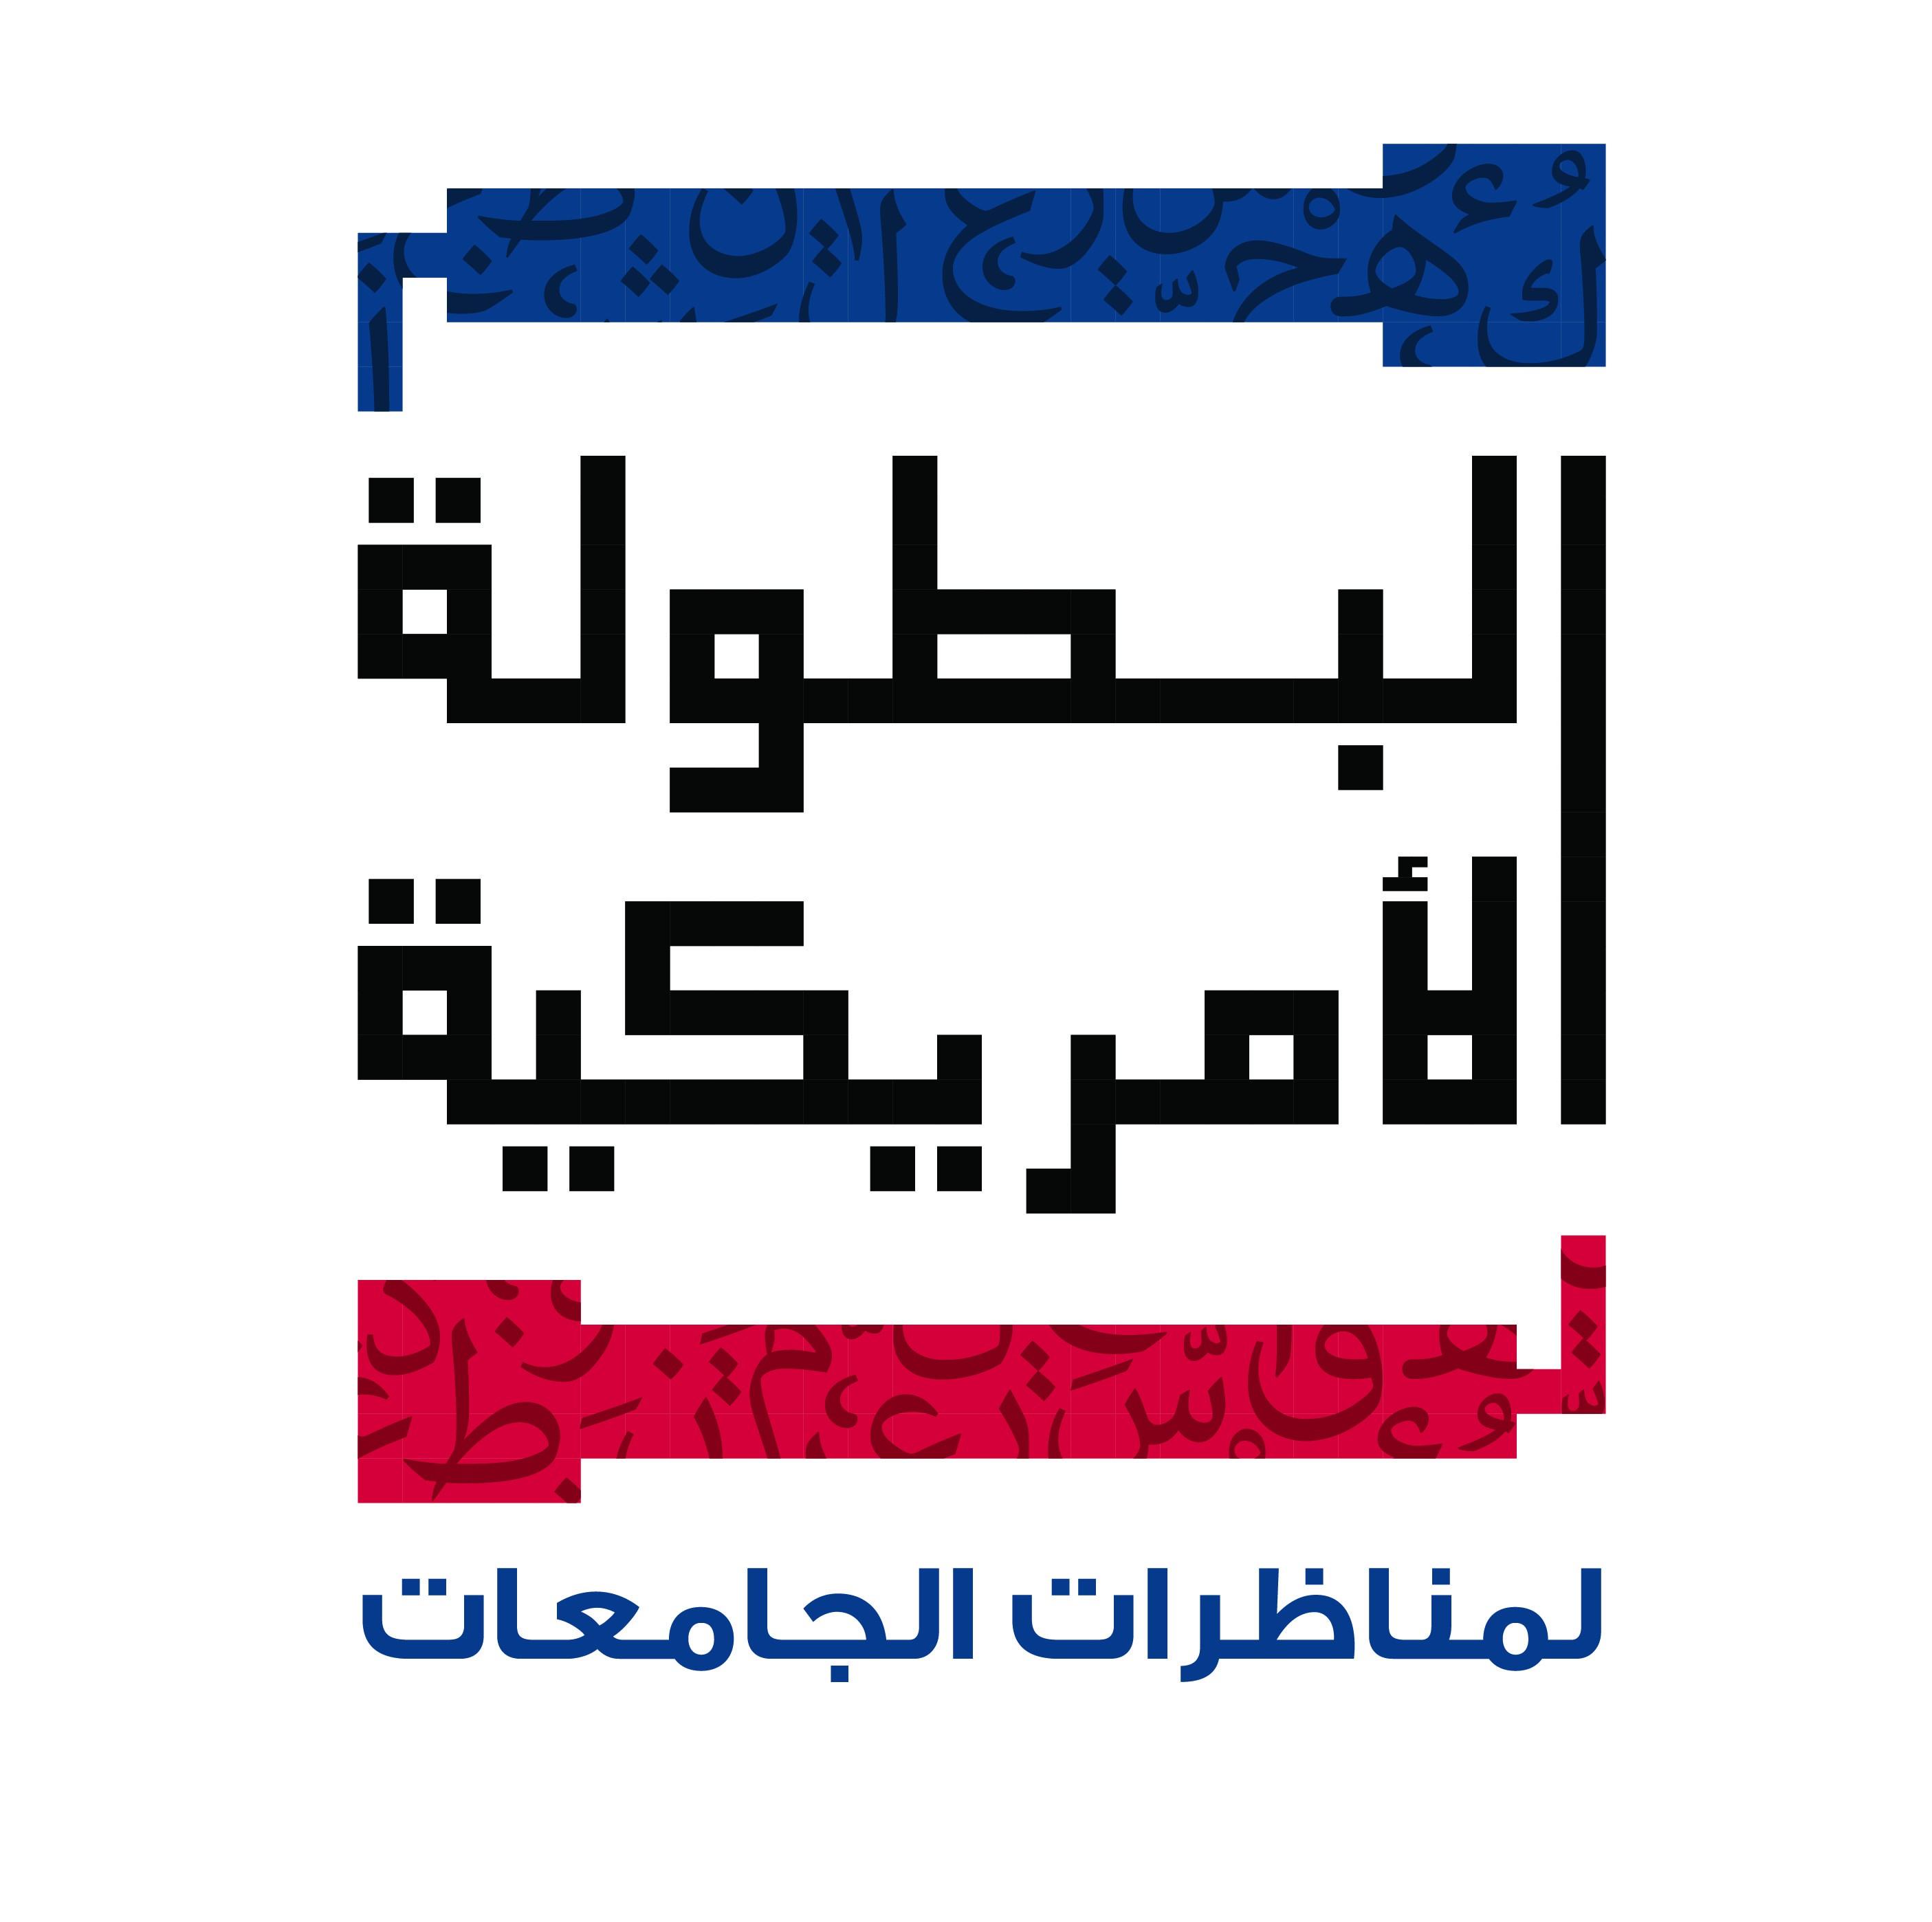 مركز مناظرات قطر يختتم البطولة الأمريكية الأولى في هارفارد